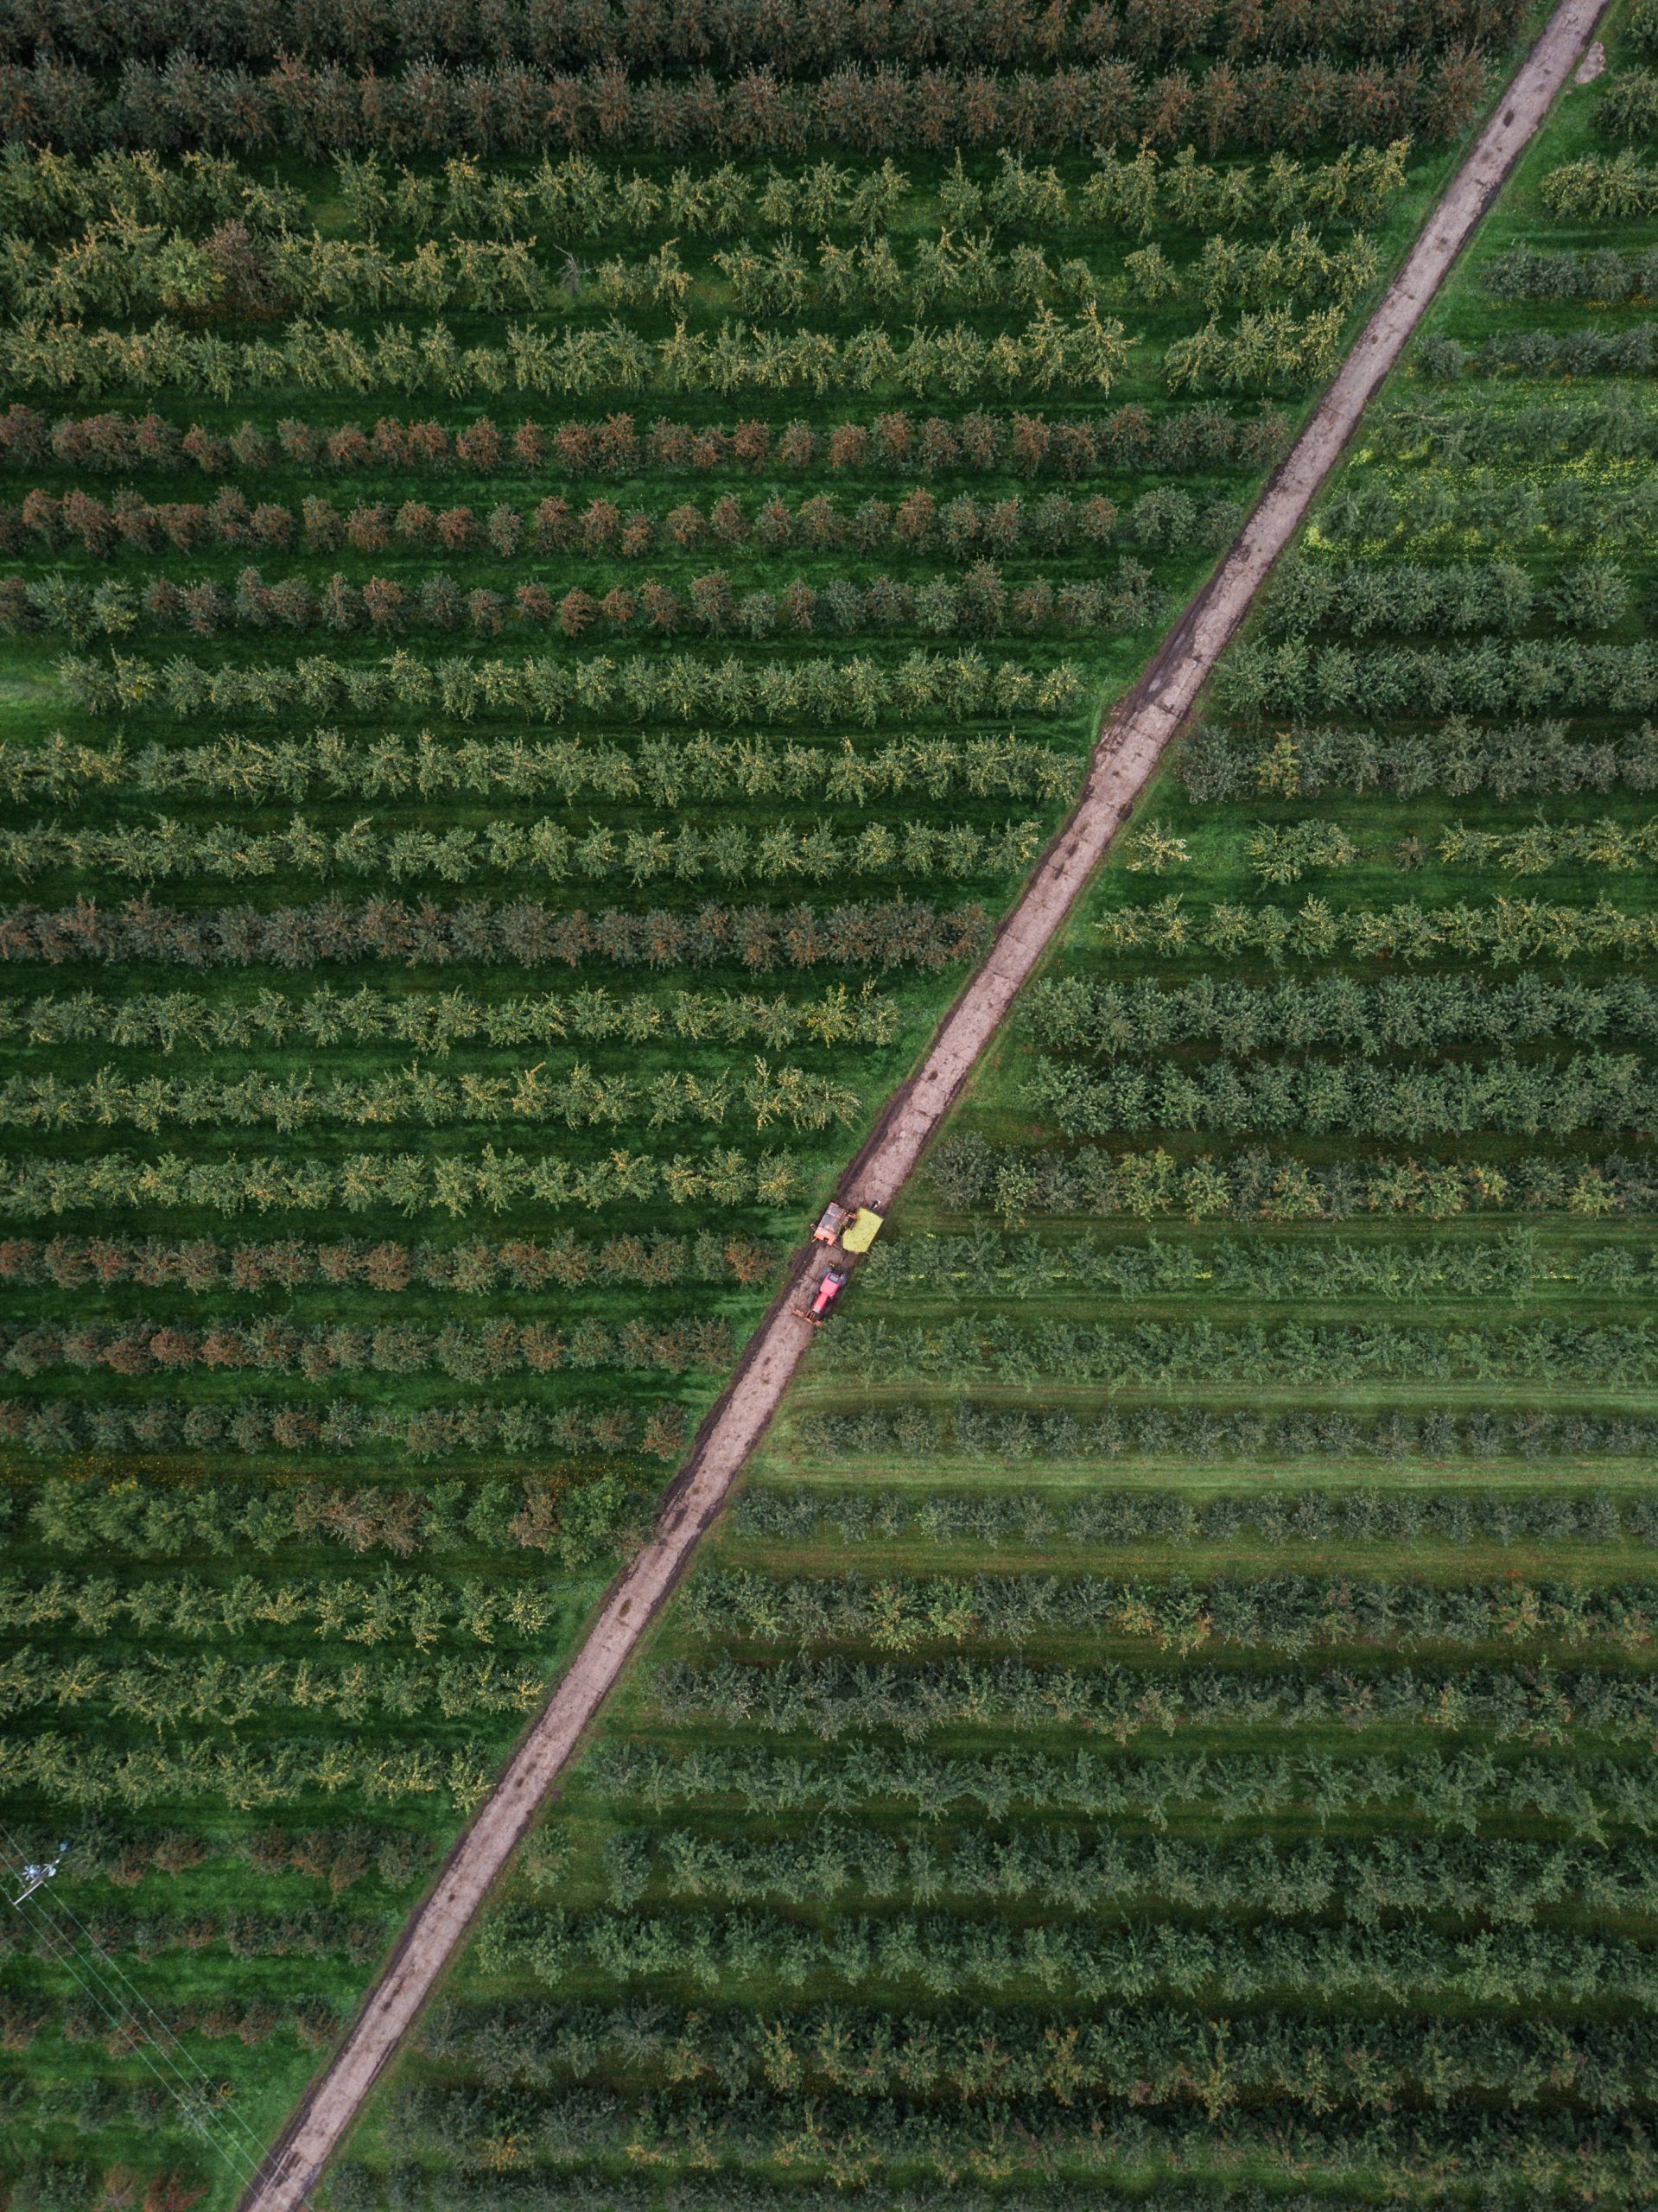 Ciclo #FairSustainableFood | Hacia un sistema alimentario justo y sostenible.